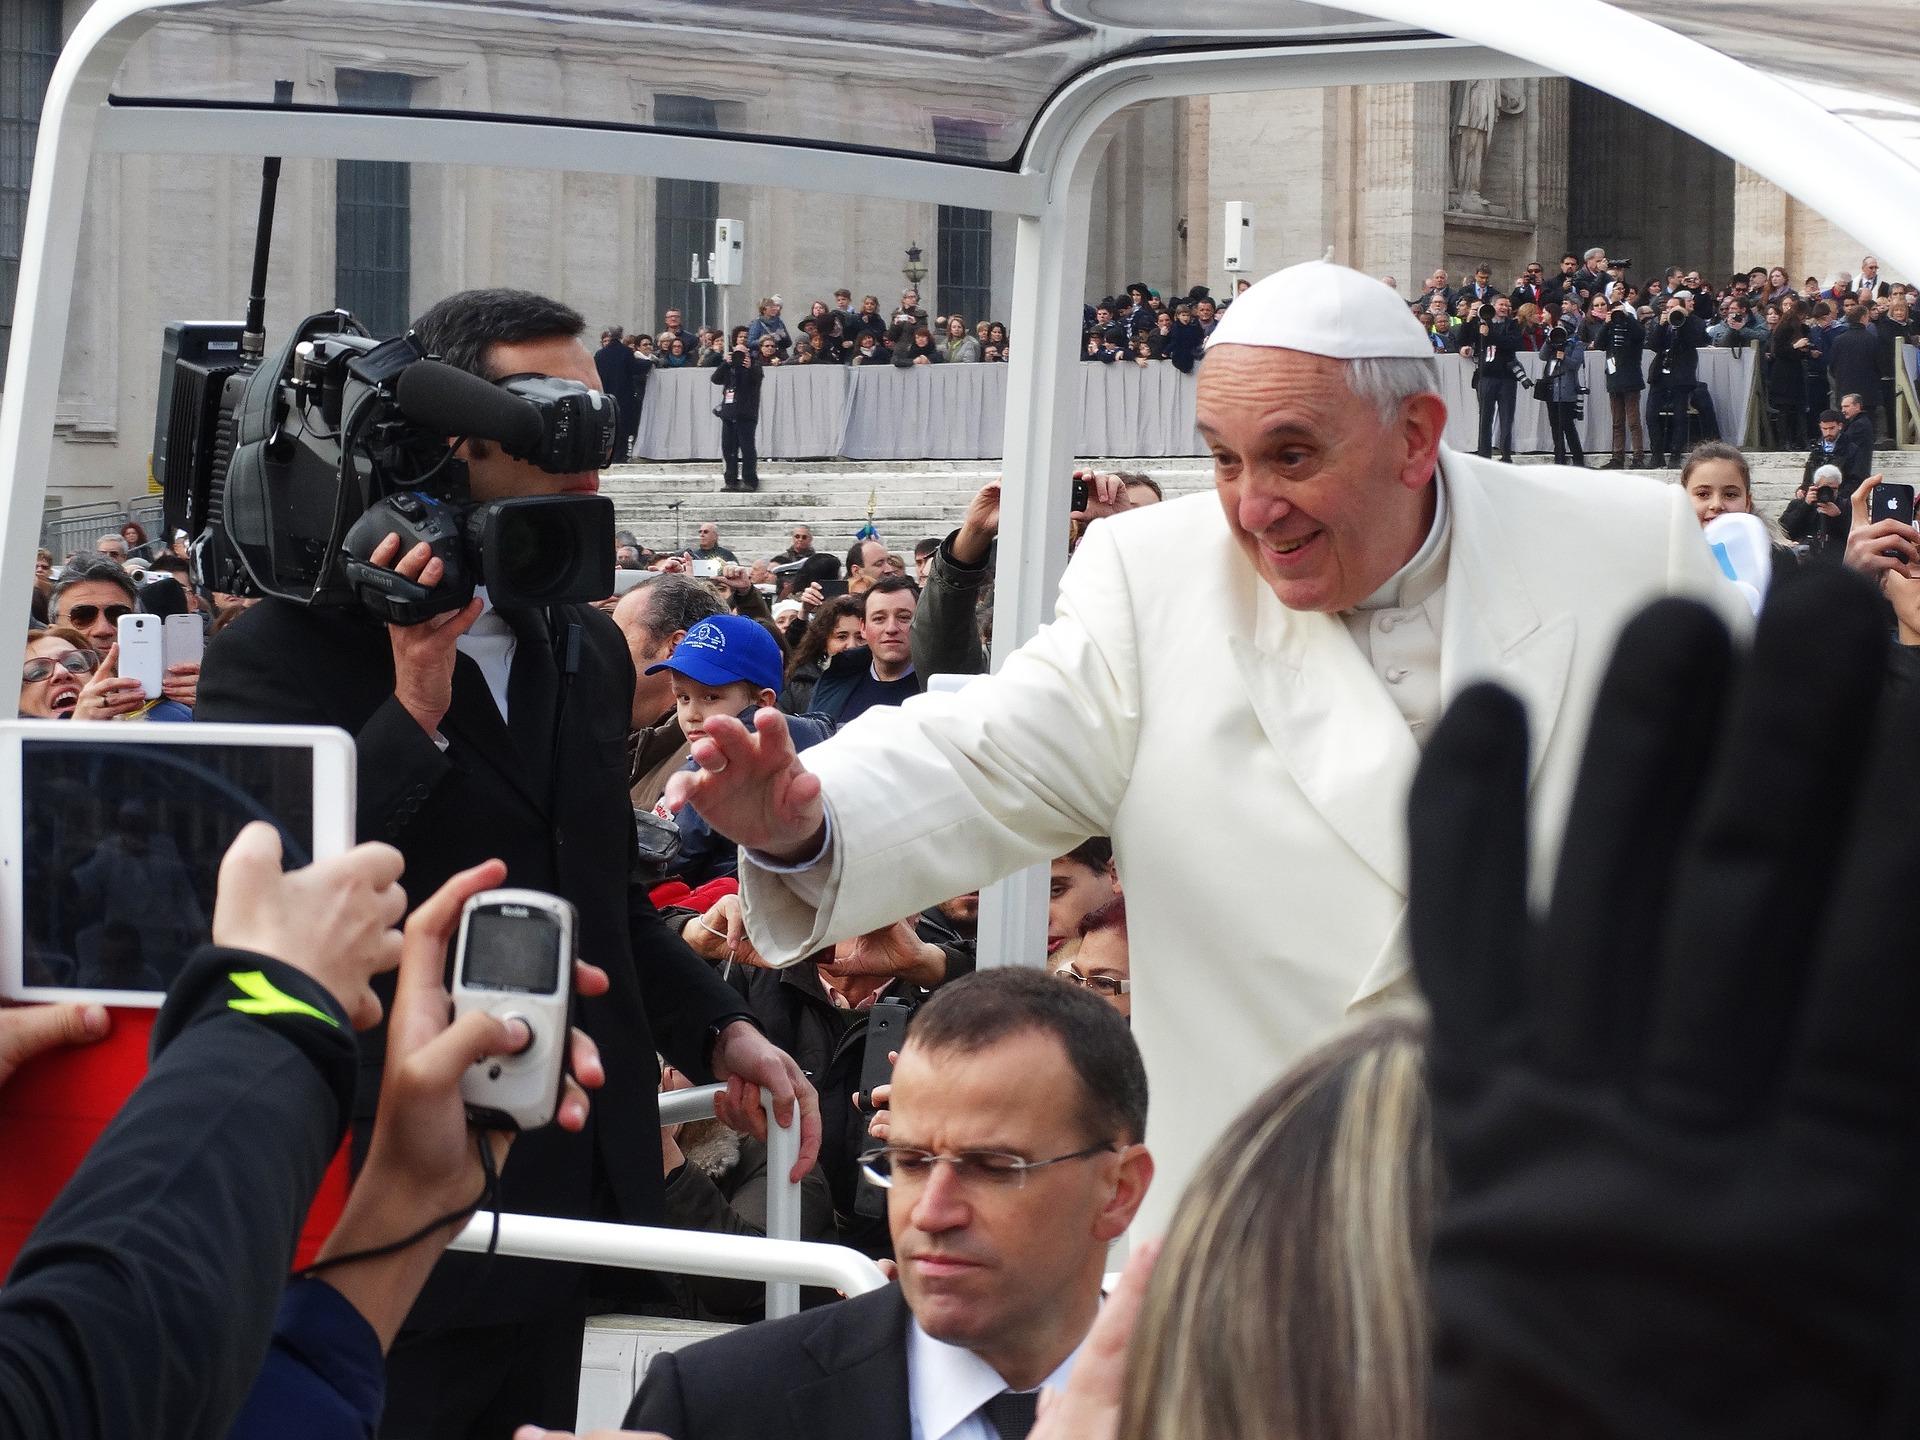 Resultado de imagem para Turismo em Portugal dispara em maio com visita do Papa